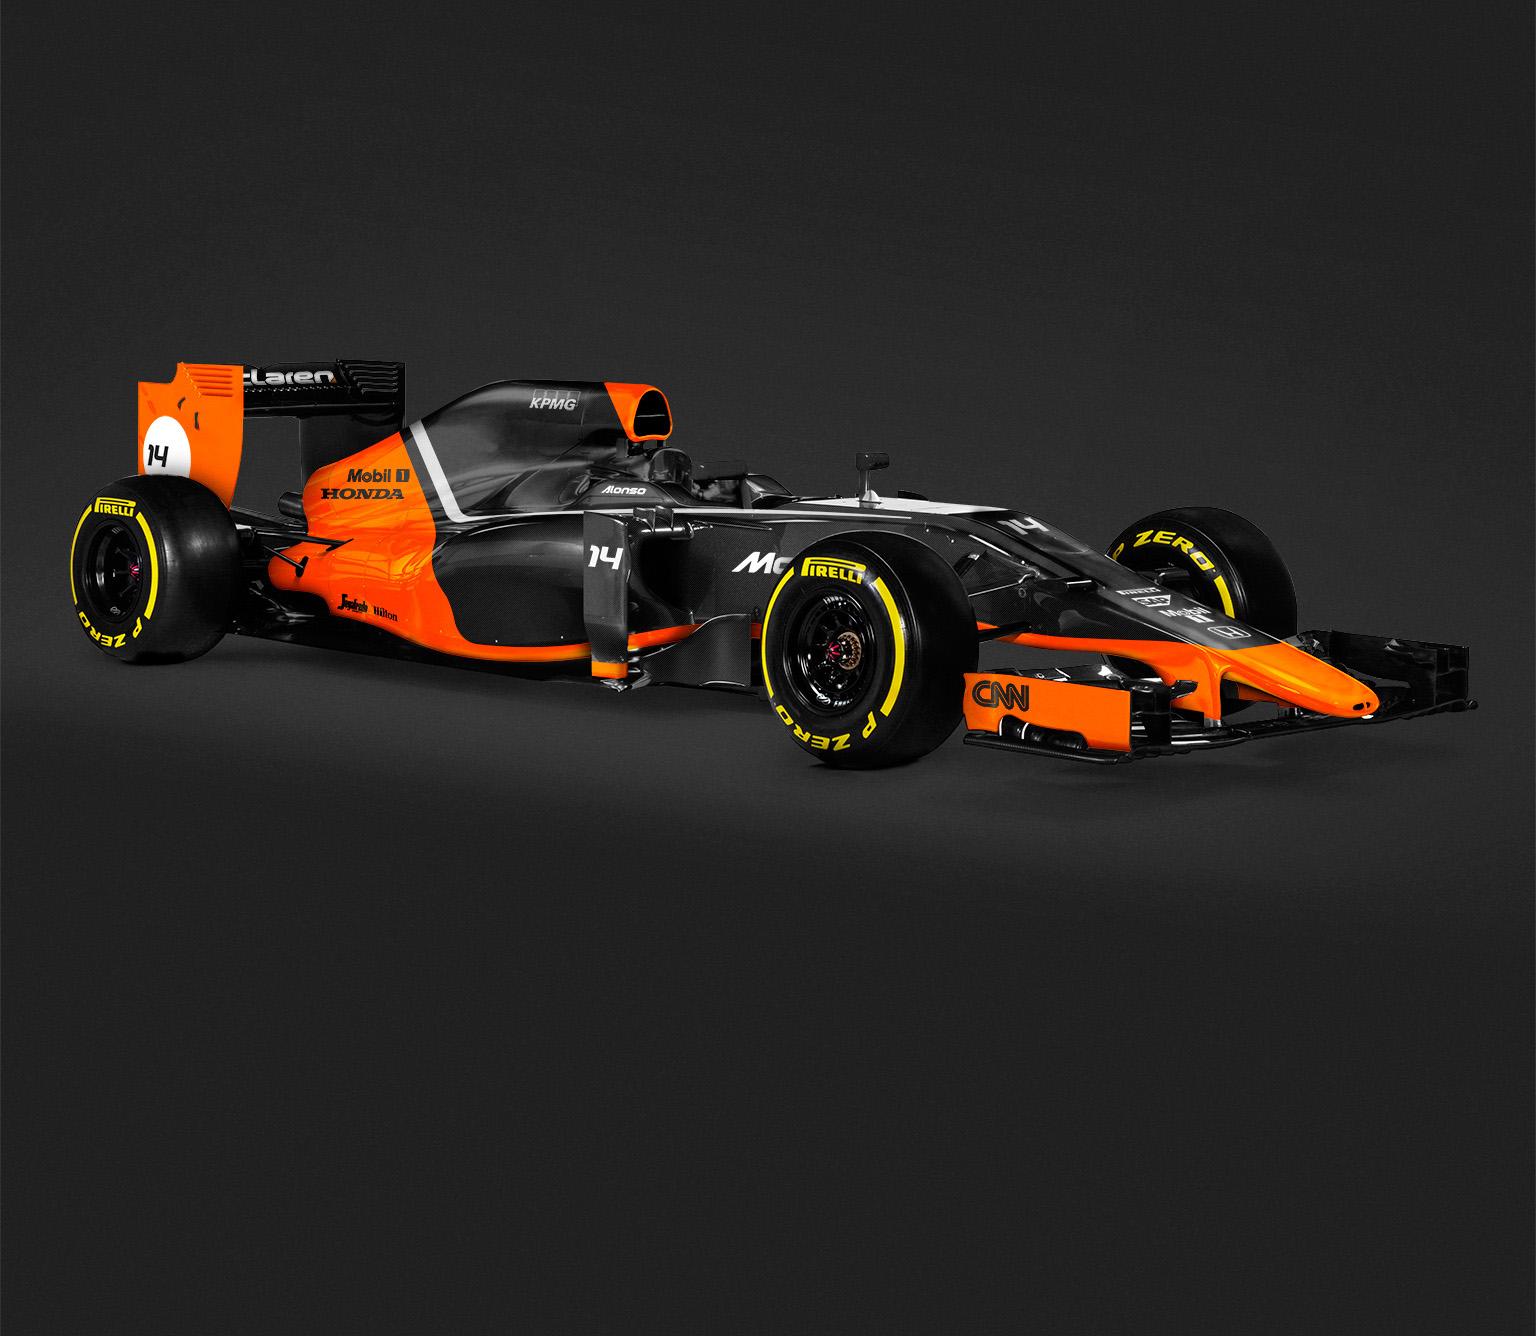 Egy újabb szenzációs és feltűnő festés a McLaren-Hondának